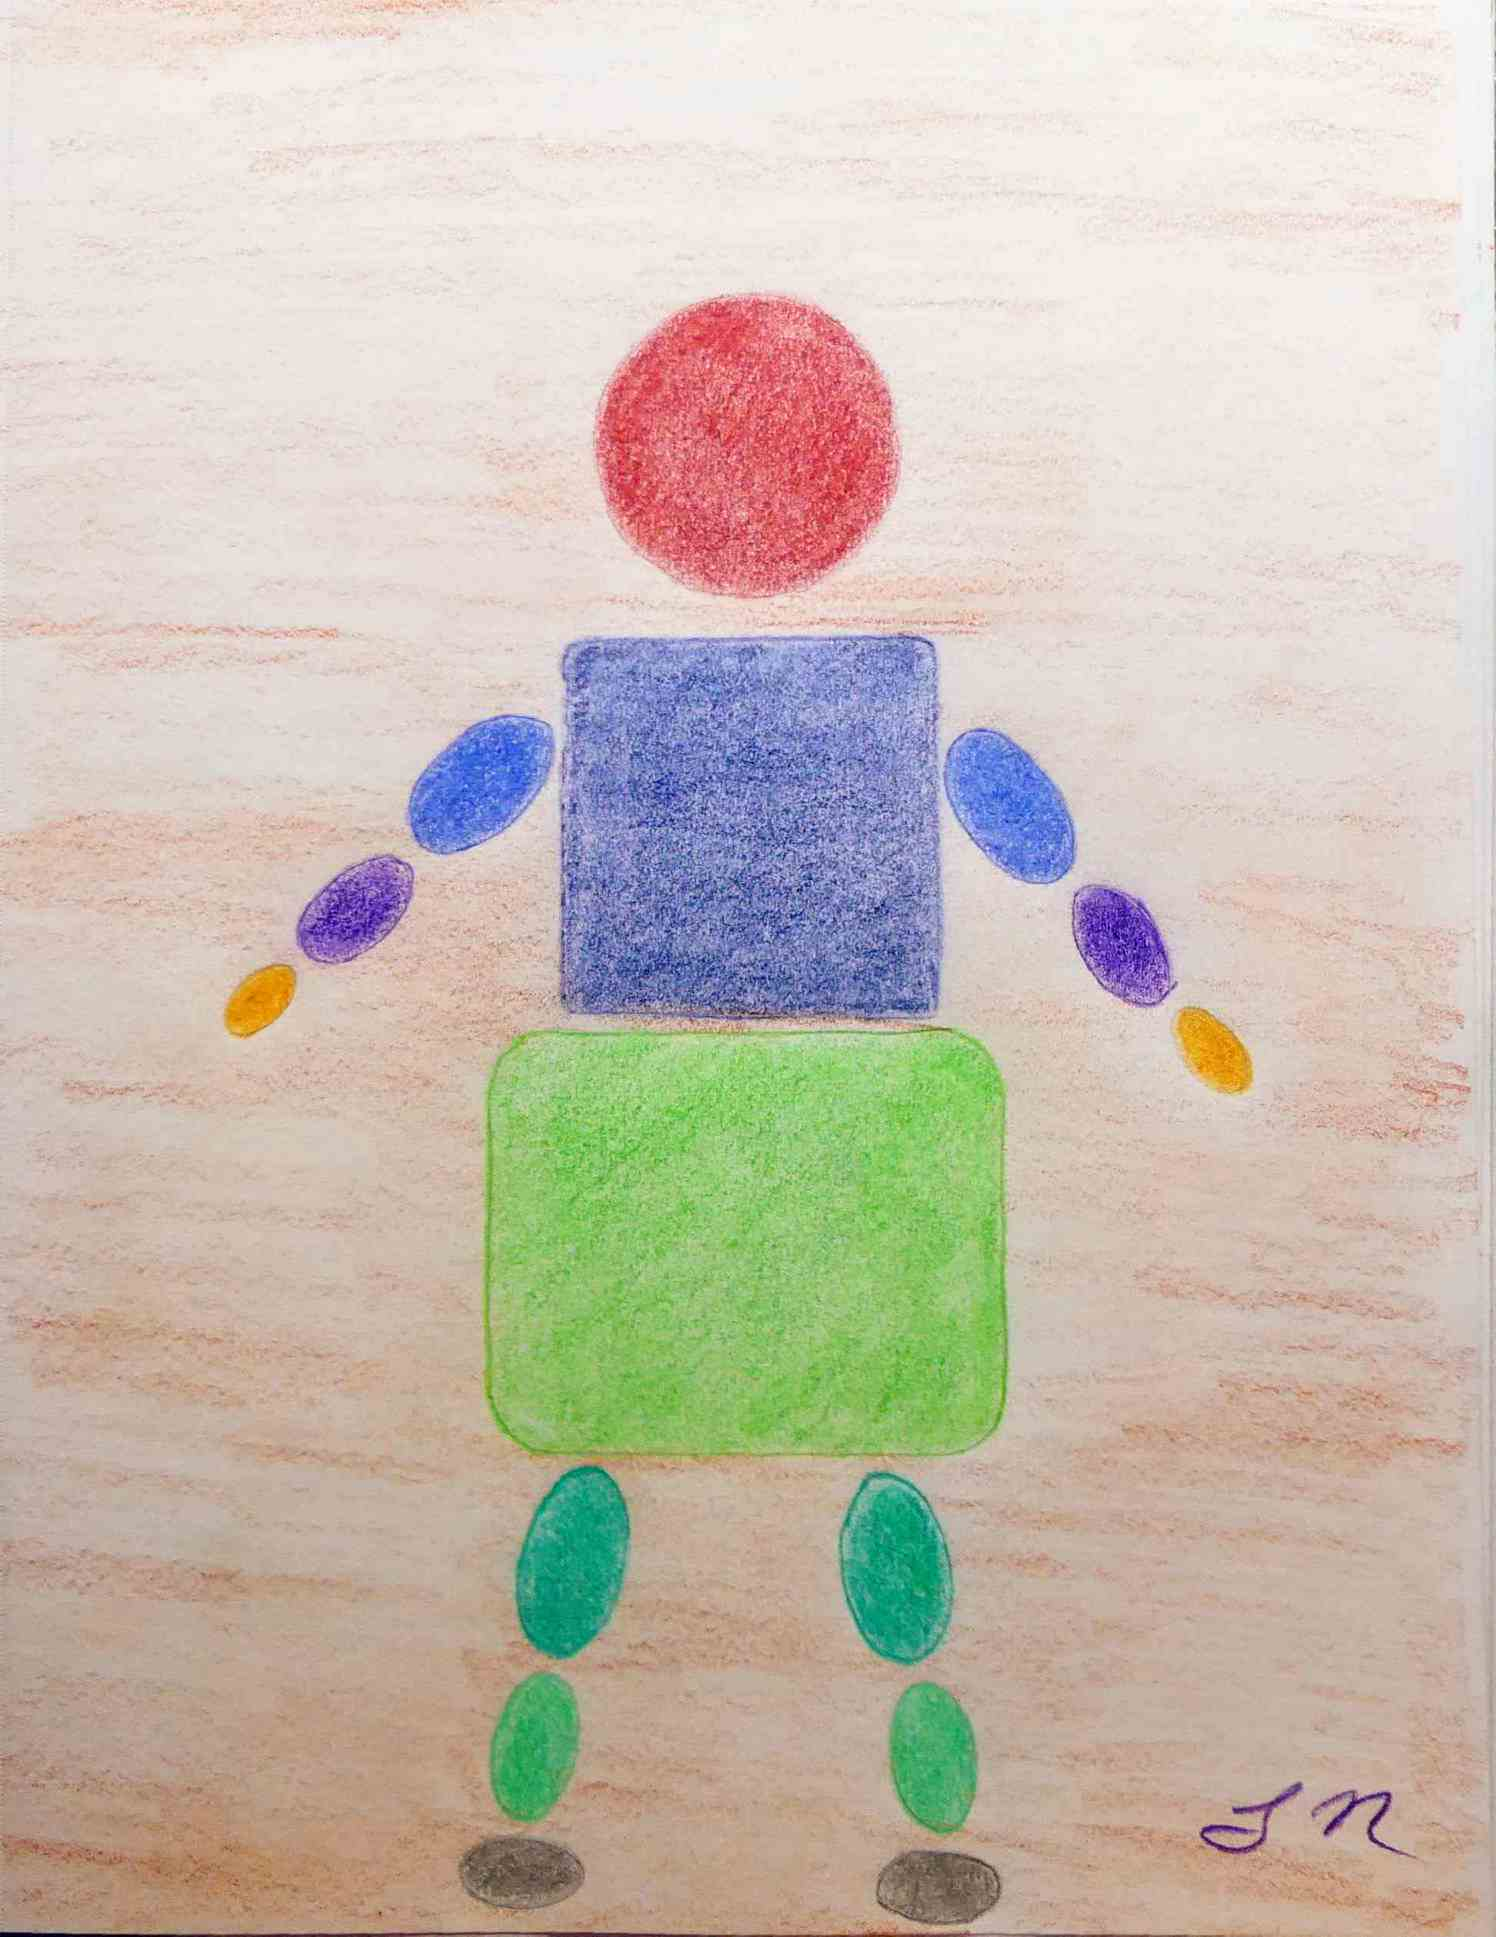 """<span style=""""color: #ff0000;""""><a style=""""color: #ff0000;"""" href=""""mailto:lucnadon7@gmail.com?subject=Défi 15 dessins 15 semaines - Formes et couleurs""""> Contacter l'artiste</a></span> Luc Nadon - Formes et couleurs - 35$  (transaction directement avec l'artiste) - Crayon de couleurs Faber Castell sur papier Strathmore 89g, 12 x9 po, encadré"""